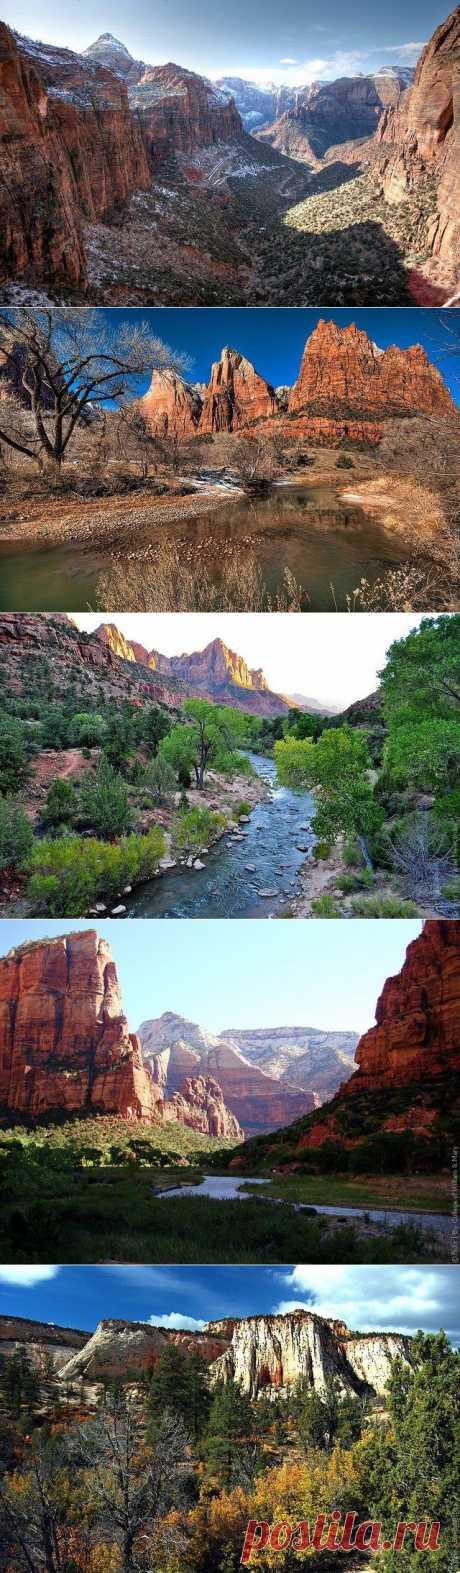 Сионский национальный парк, достопримечательности США